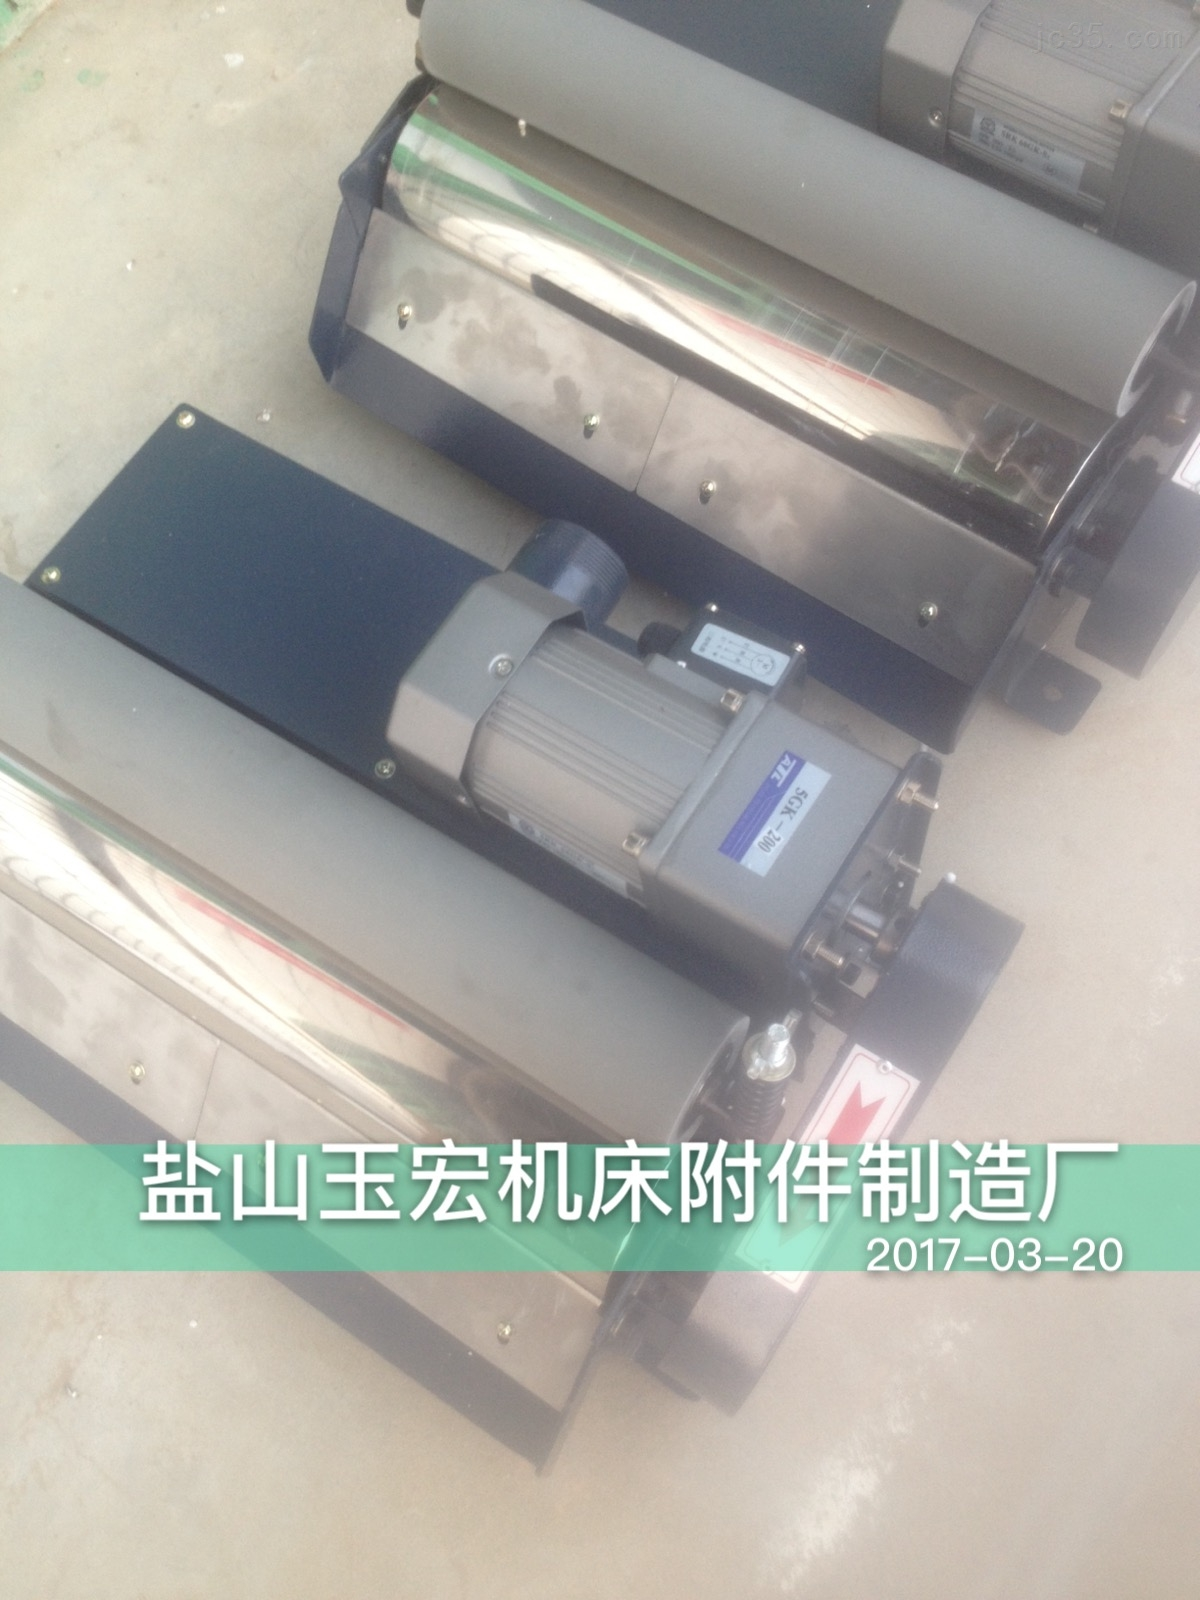 磁性分离器、盐山玉宏磁性分离器生产厂家